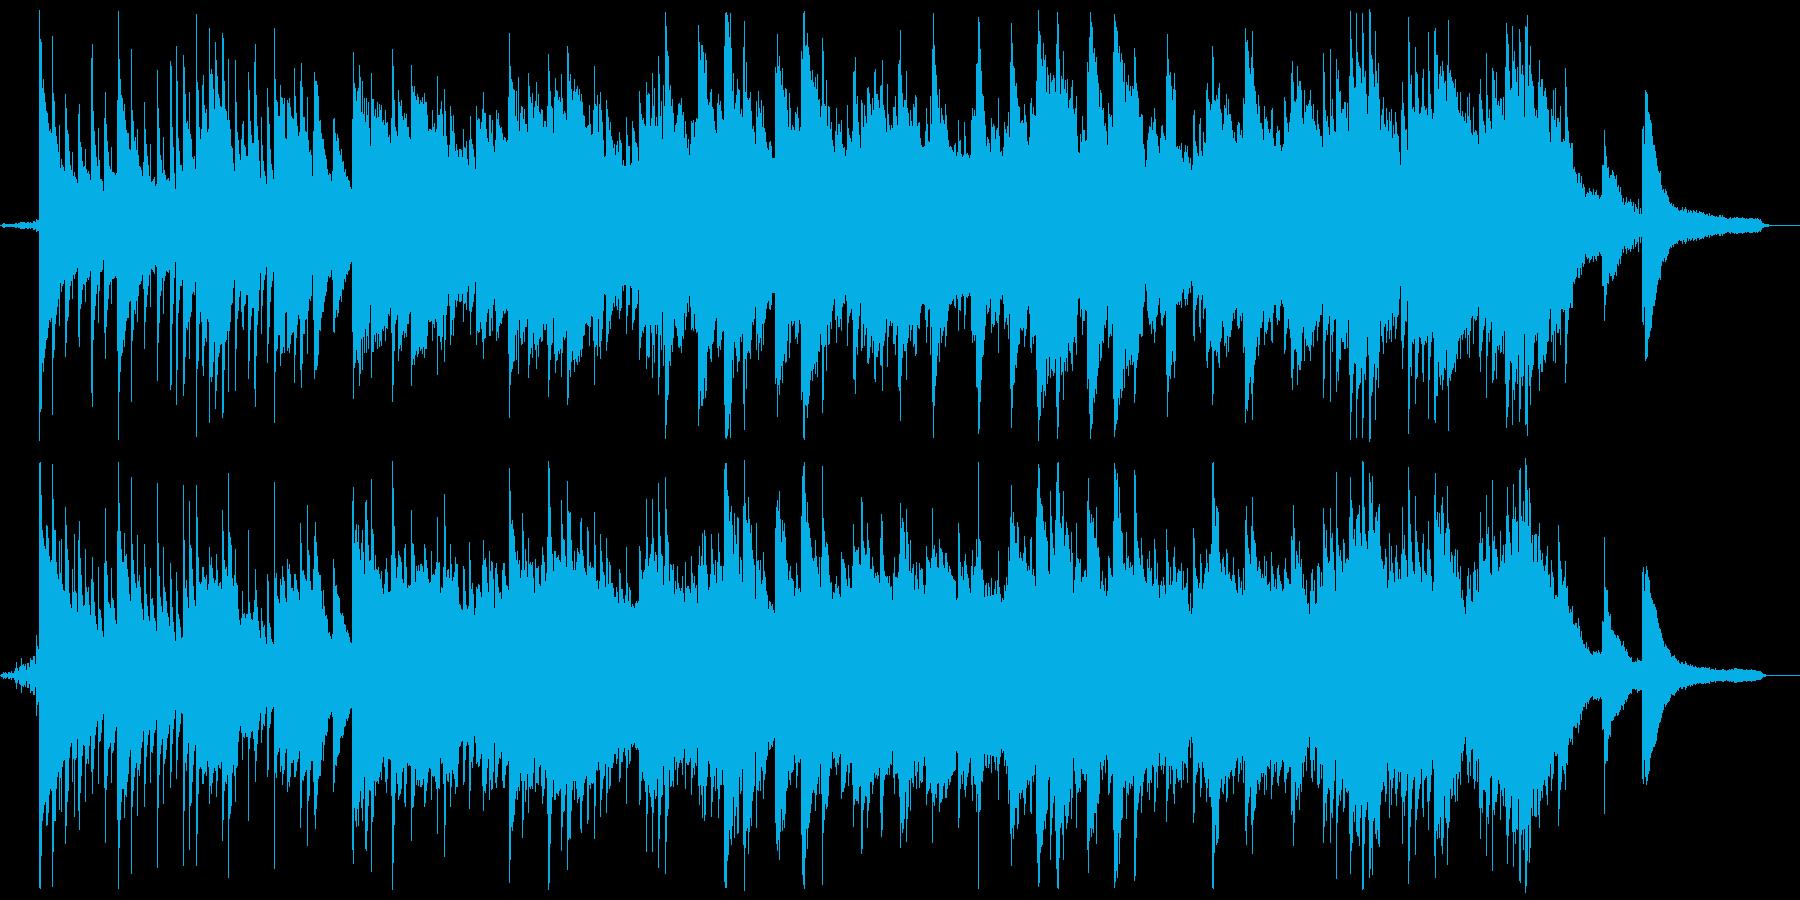 水を連想させる涼し気なピアノ曲の再生済みの波形